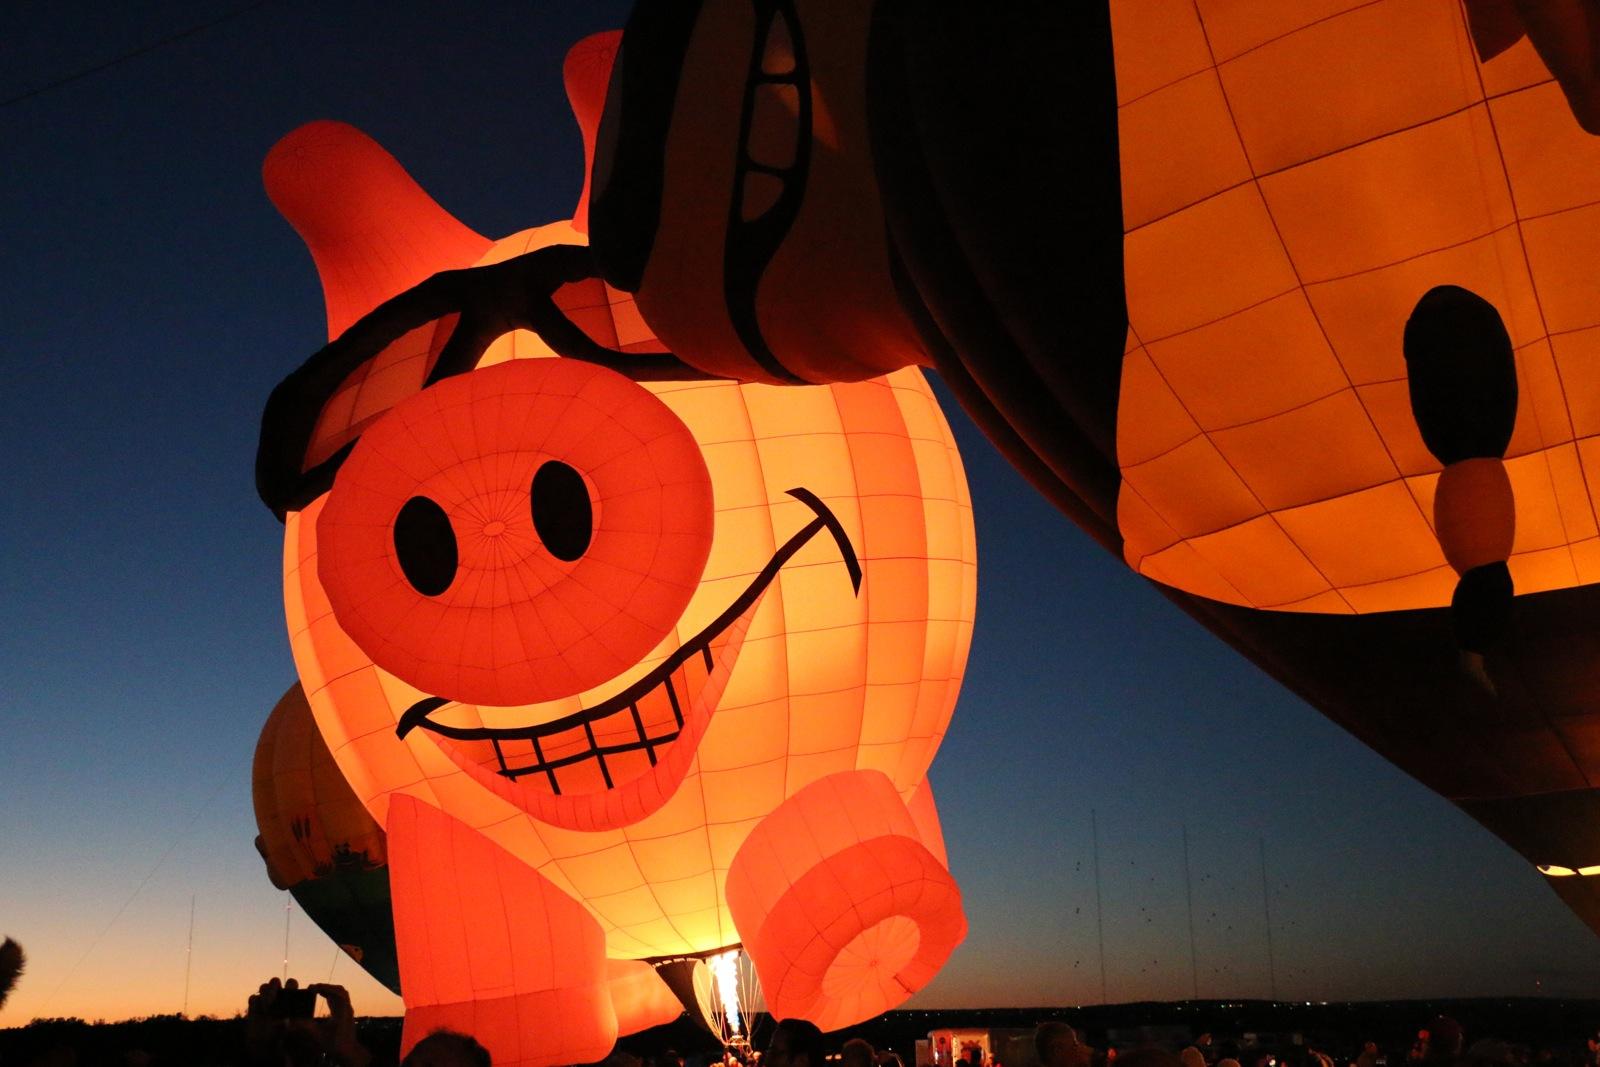 Albuquerque_International_Balloon_Fiesta_2013_Art_Gimbel - 11